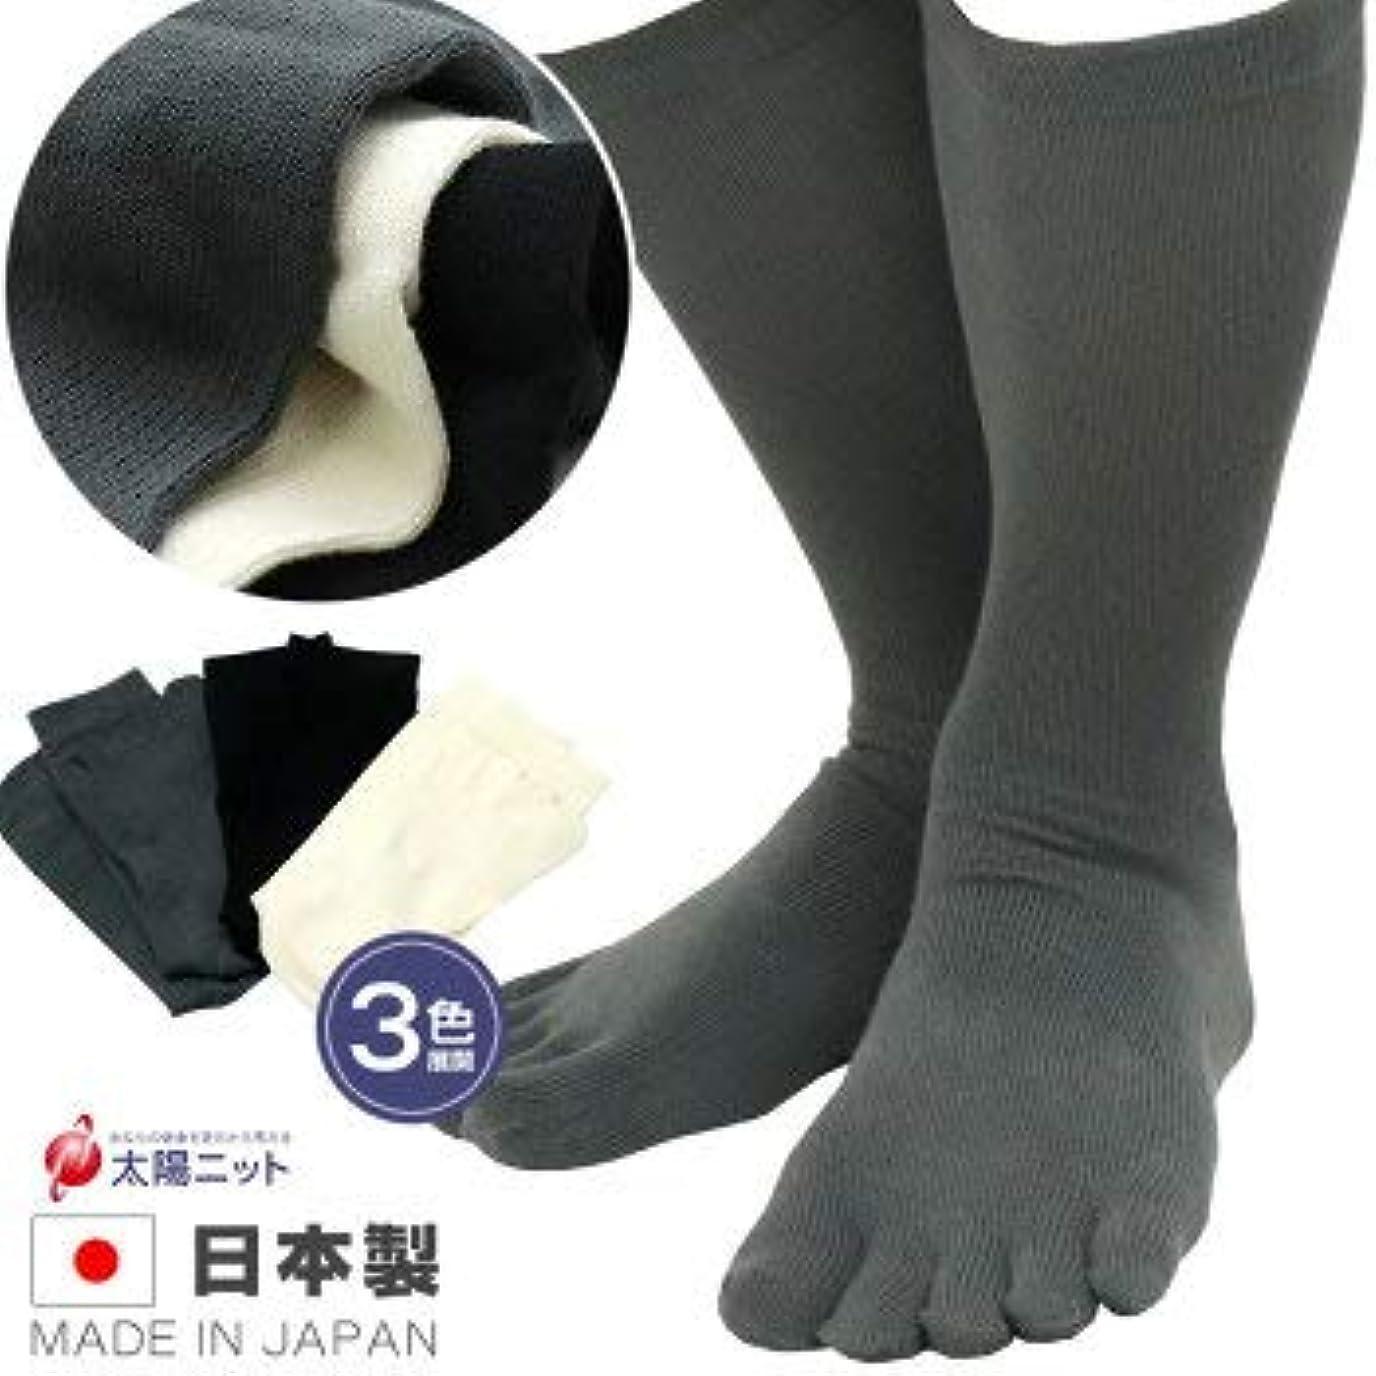 タイマーわずかにオリエンタル男性用 綿100% 5本指 靴下 におい ムレ 対策 24-26㎝ 太陽ニッ ト321 (グレー)